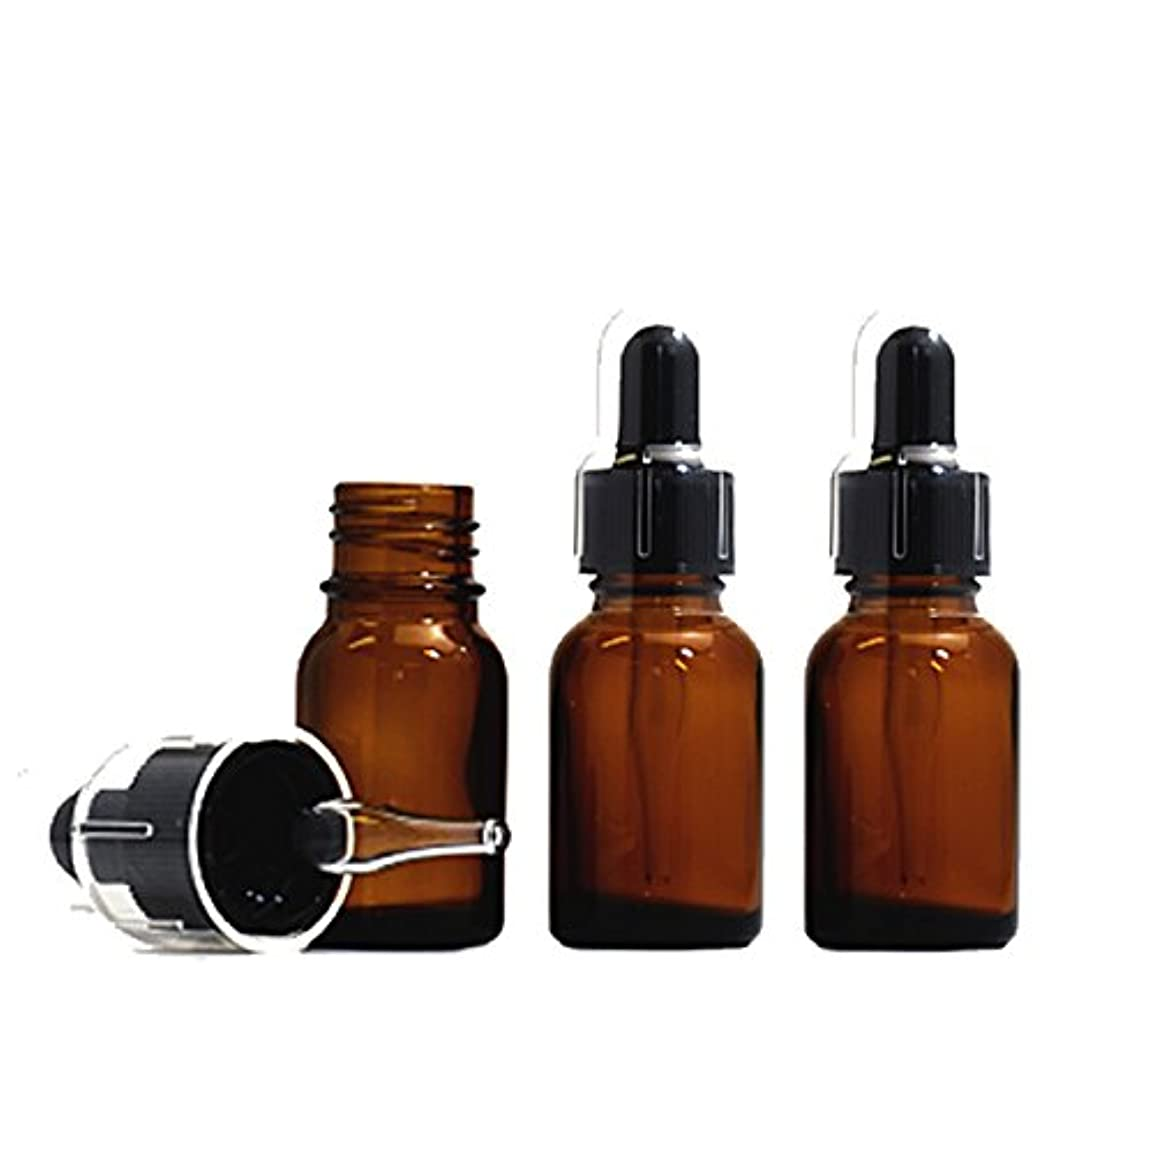 スポイトキャップ付茶色遮光瓶20ml (3本セット)(黒/ガラススポイトキャップ付/オーバーキャップ付)